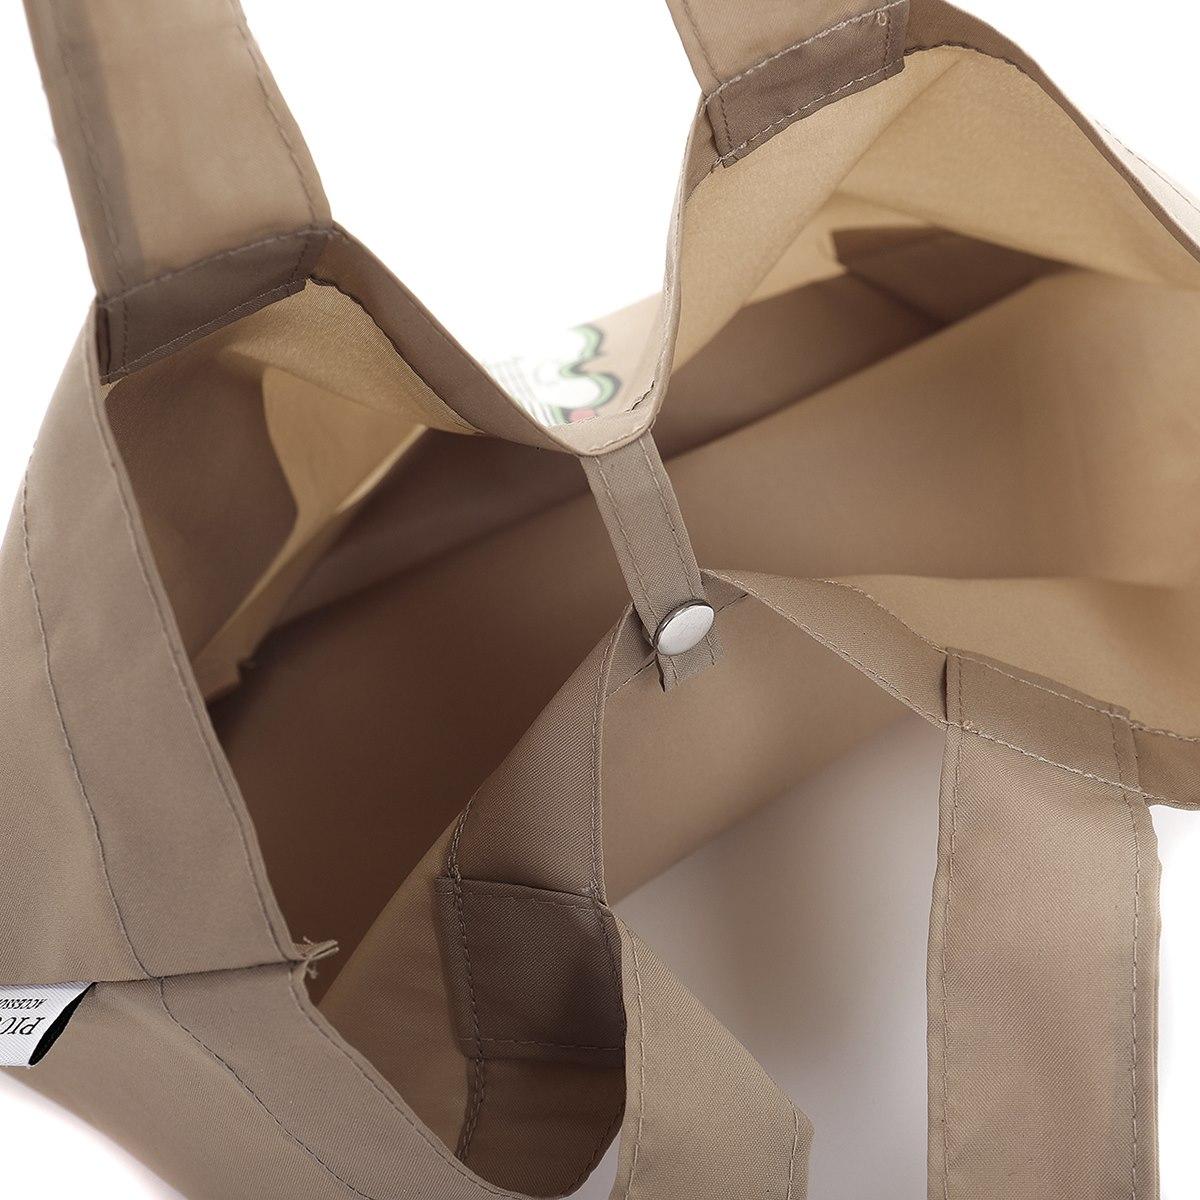 【新作】PICONE ピッコーネ エコバッグ ハンドバッグ バイオリン マチ付 ポケッタブル 収納 持ち運び ランチ ギフト人気ブランド